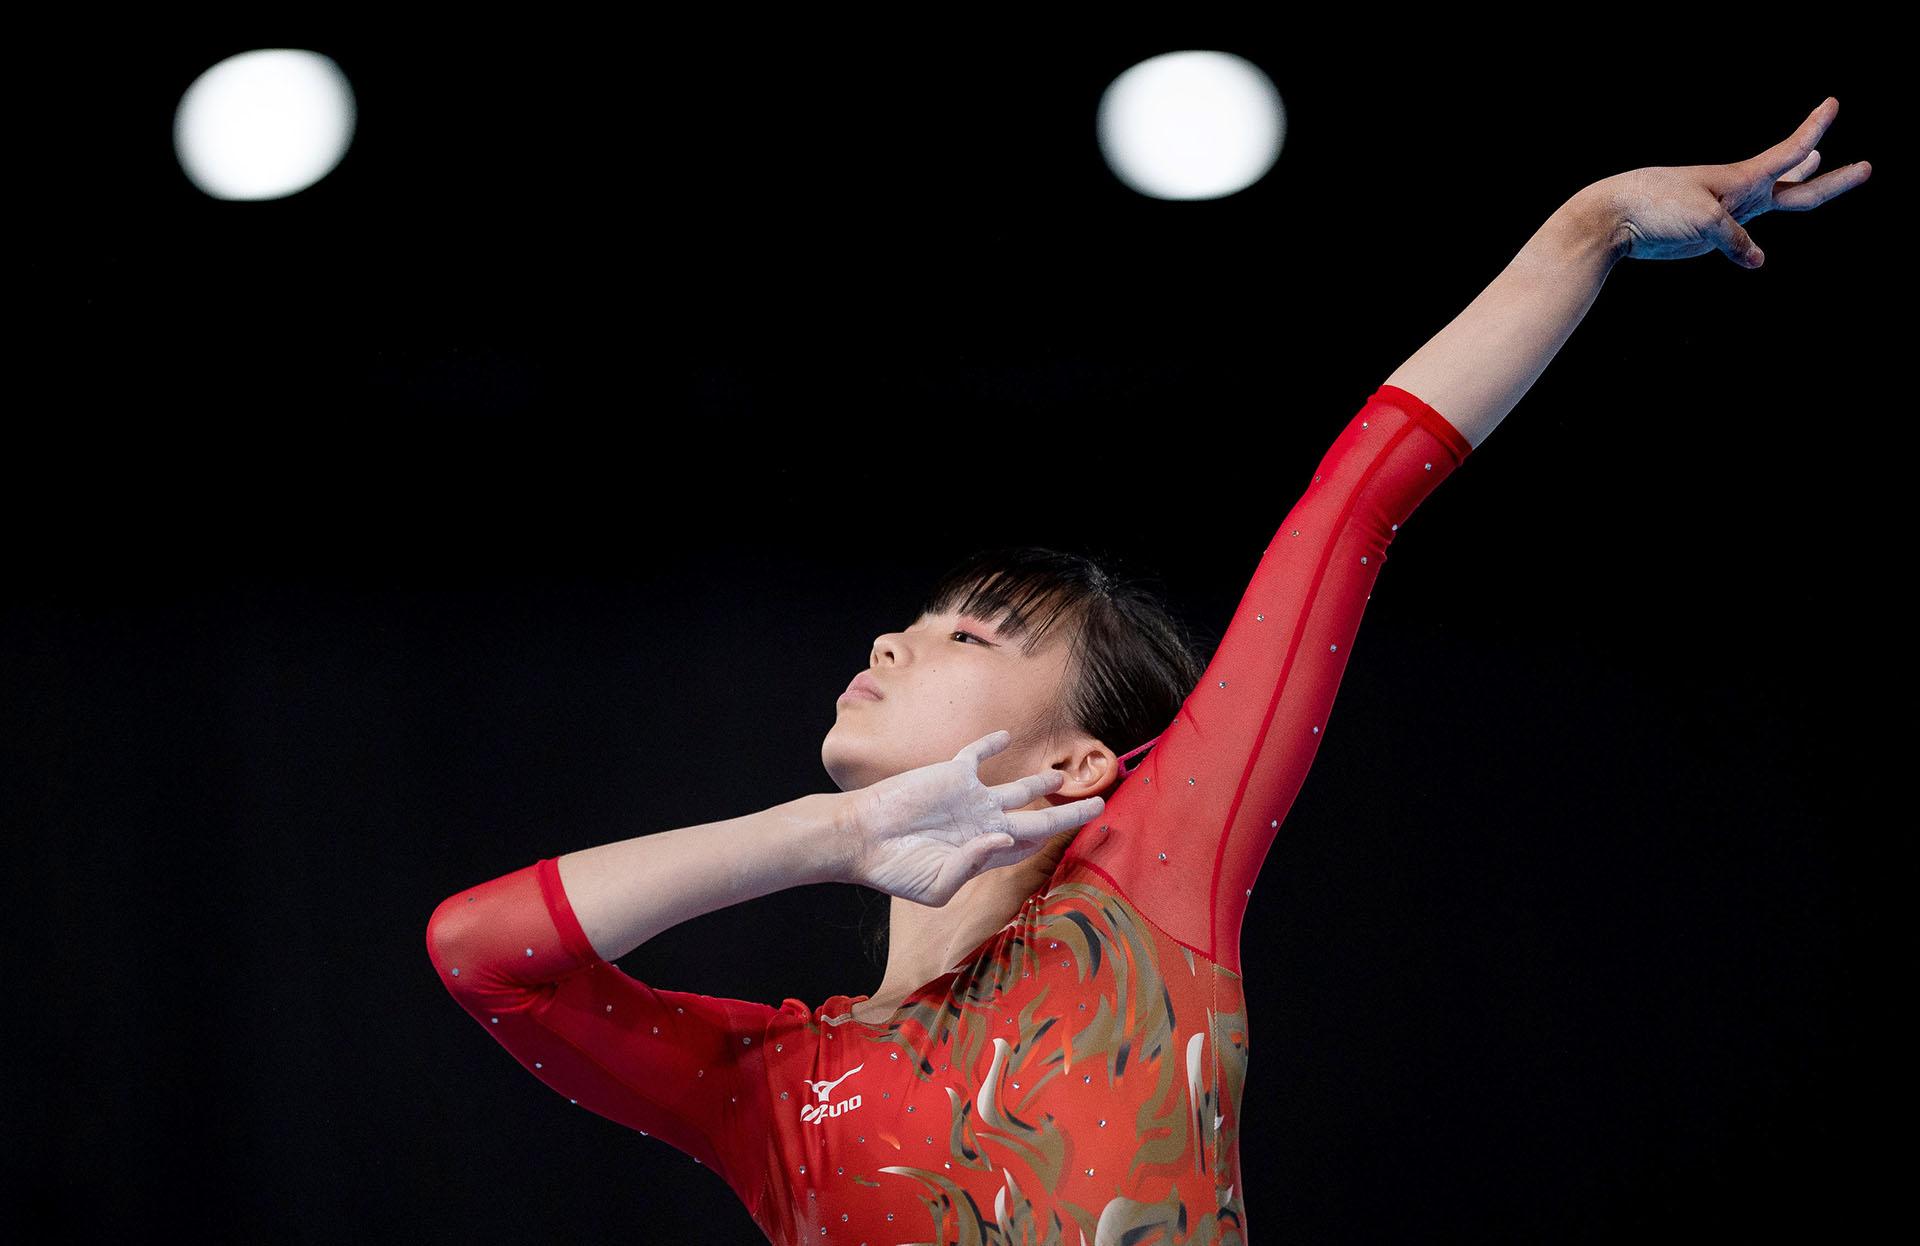 Chiharu Yamada, de Japón, compite en la final de ejercicios de piso de gimnasia artística de mujeres en el Pabellón América del Parque Olímpico, durante los Juegos Olímpicos de la Juventud Buenos Aires 2018(REUTERS)